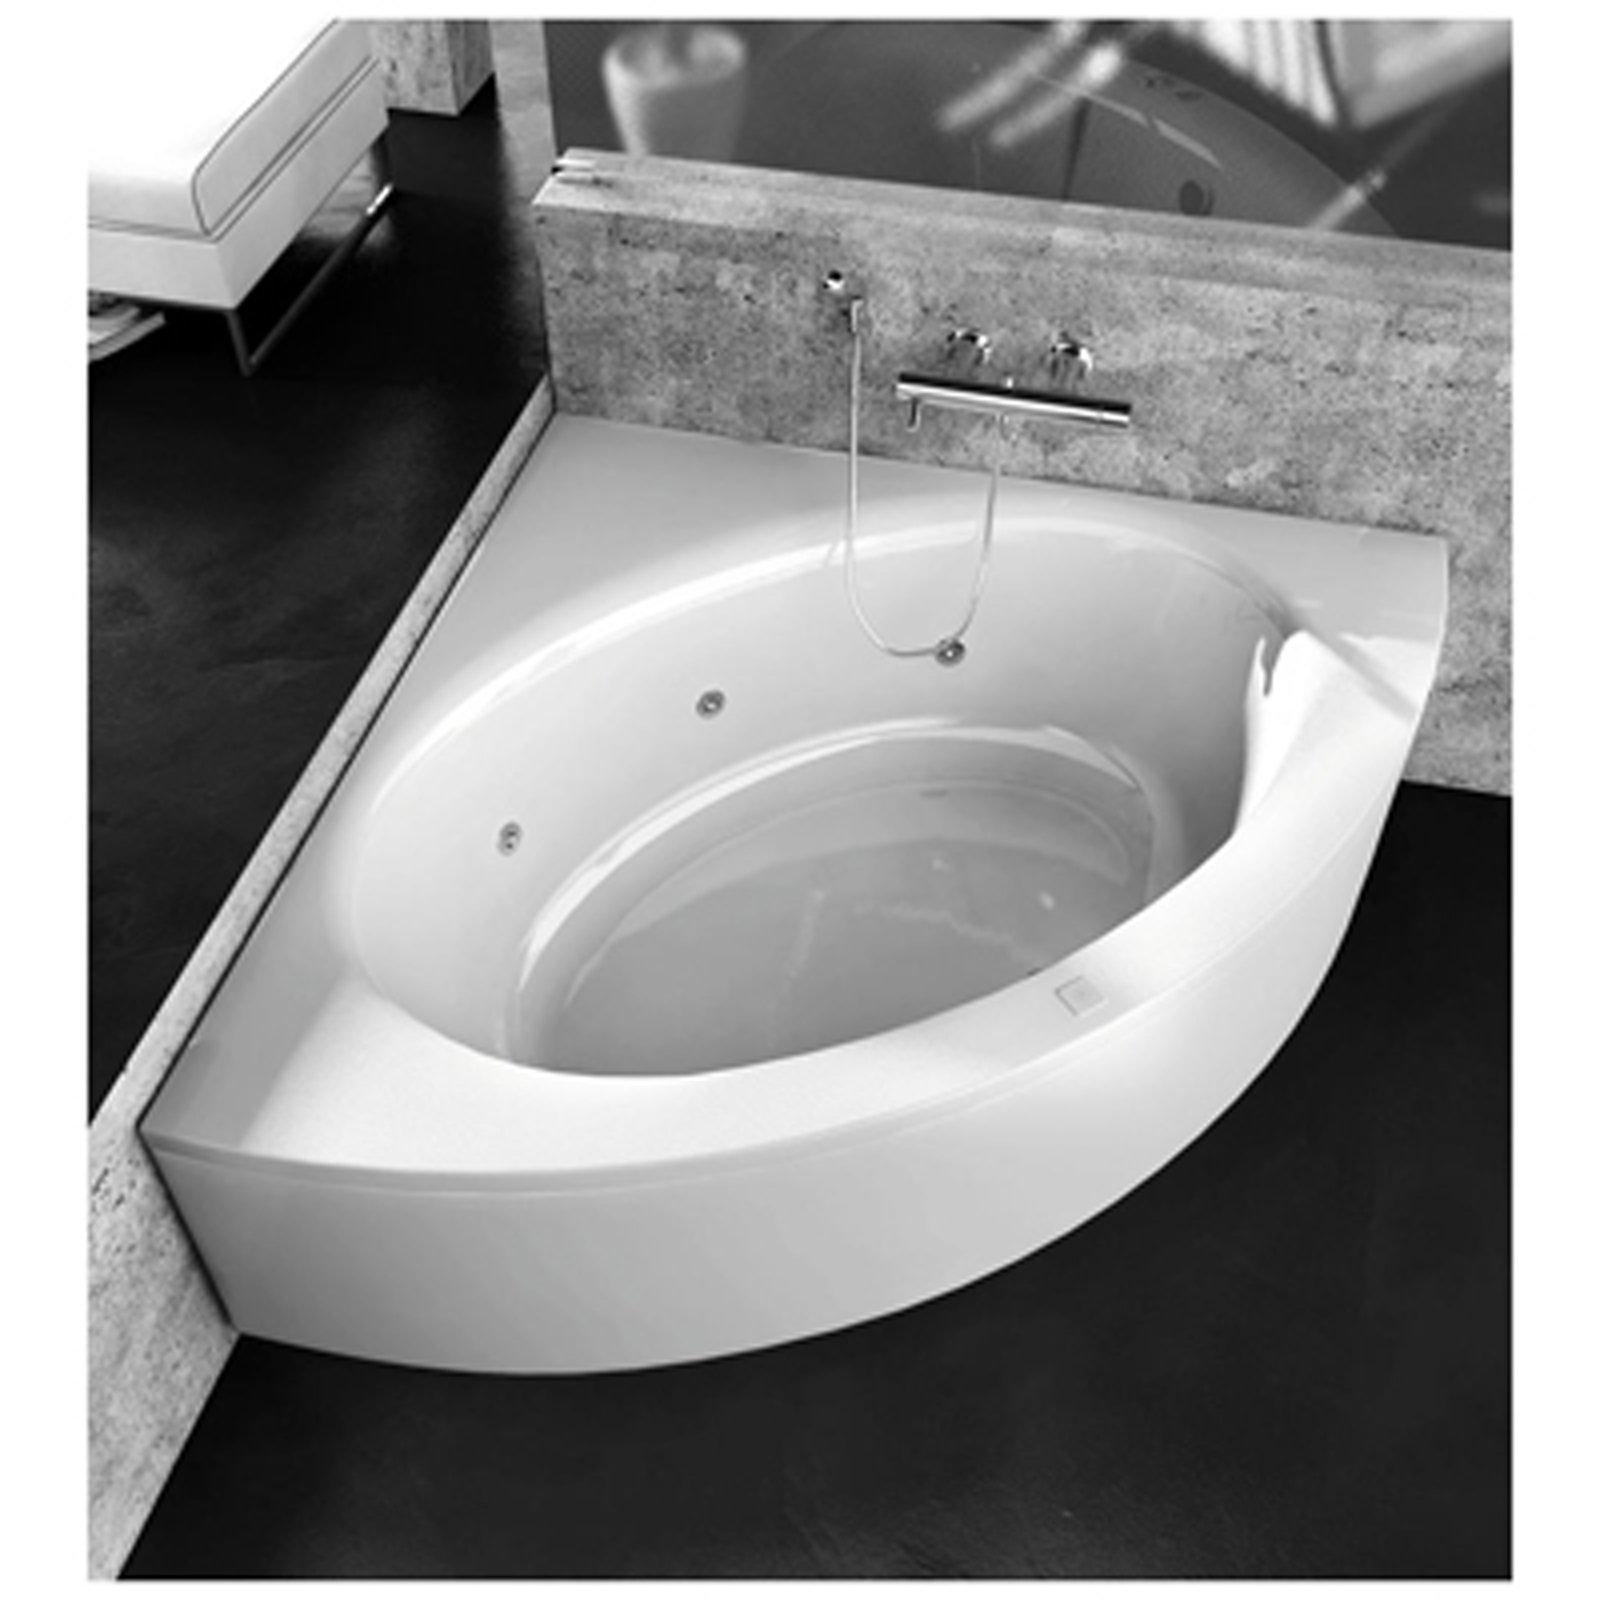 vasca idromassaggio cosa serve per installarla cose di